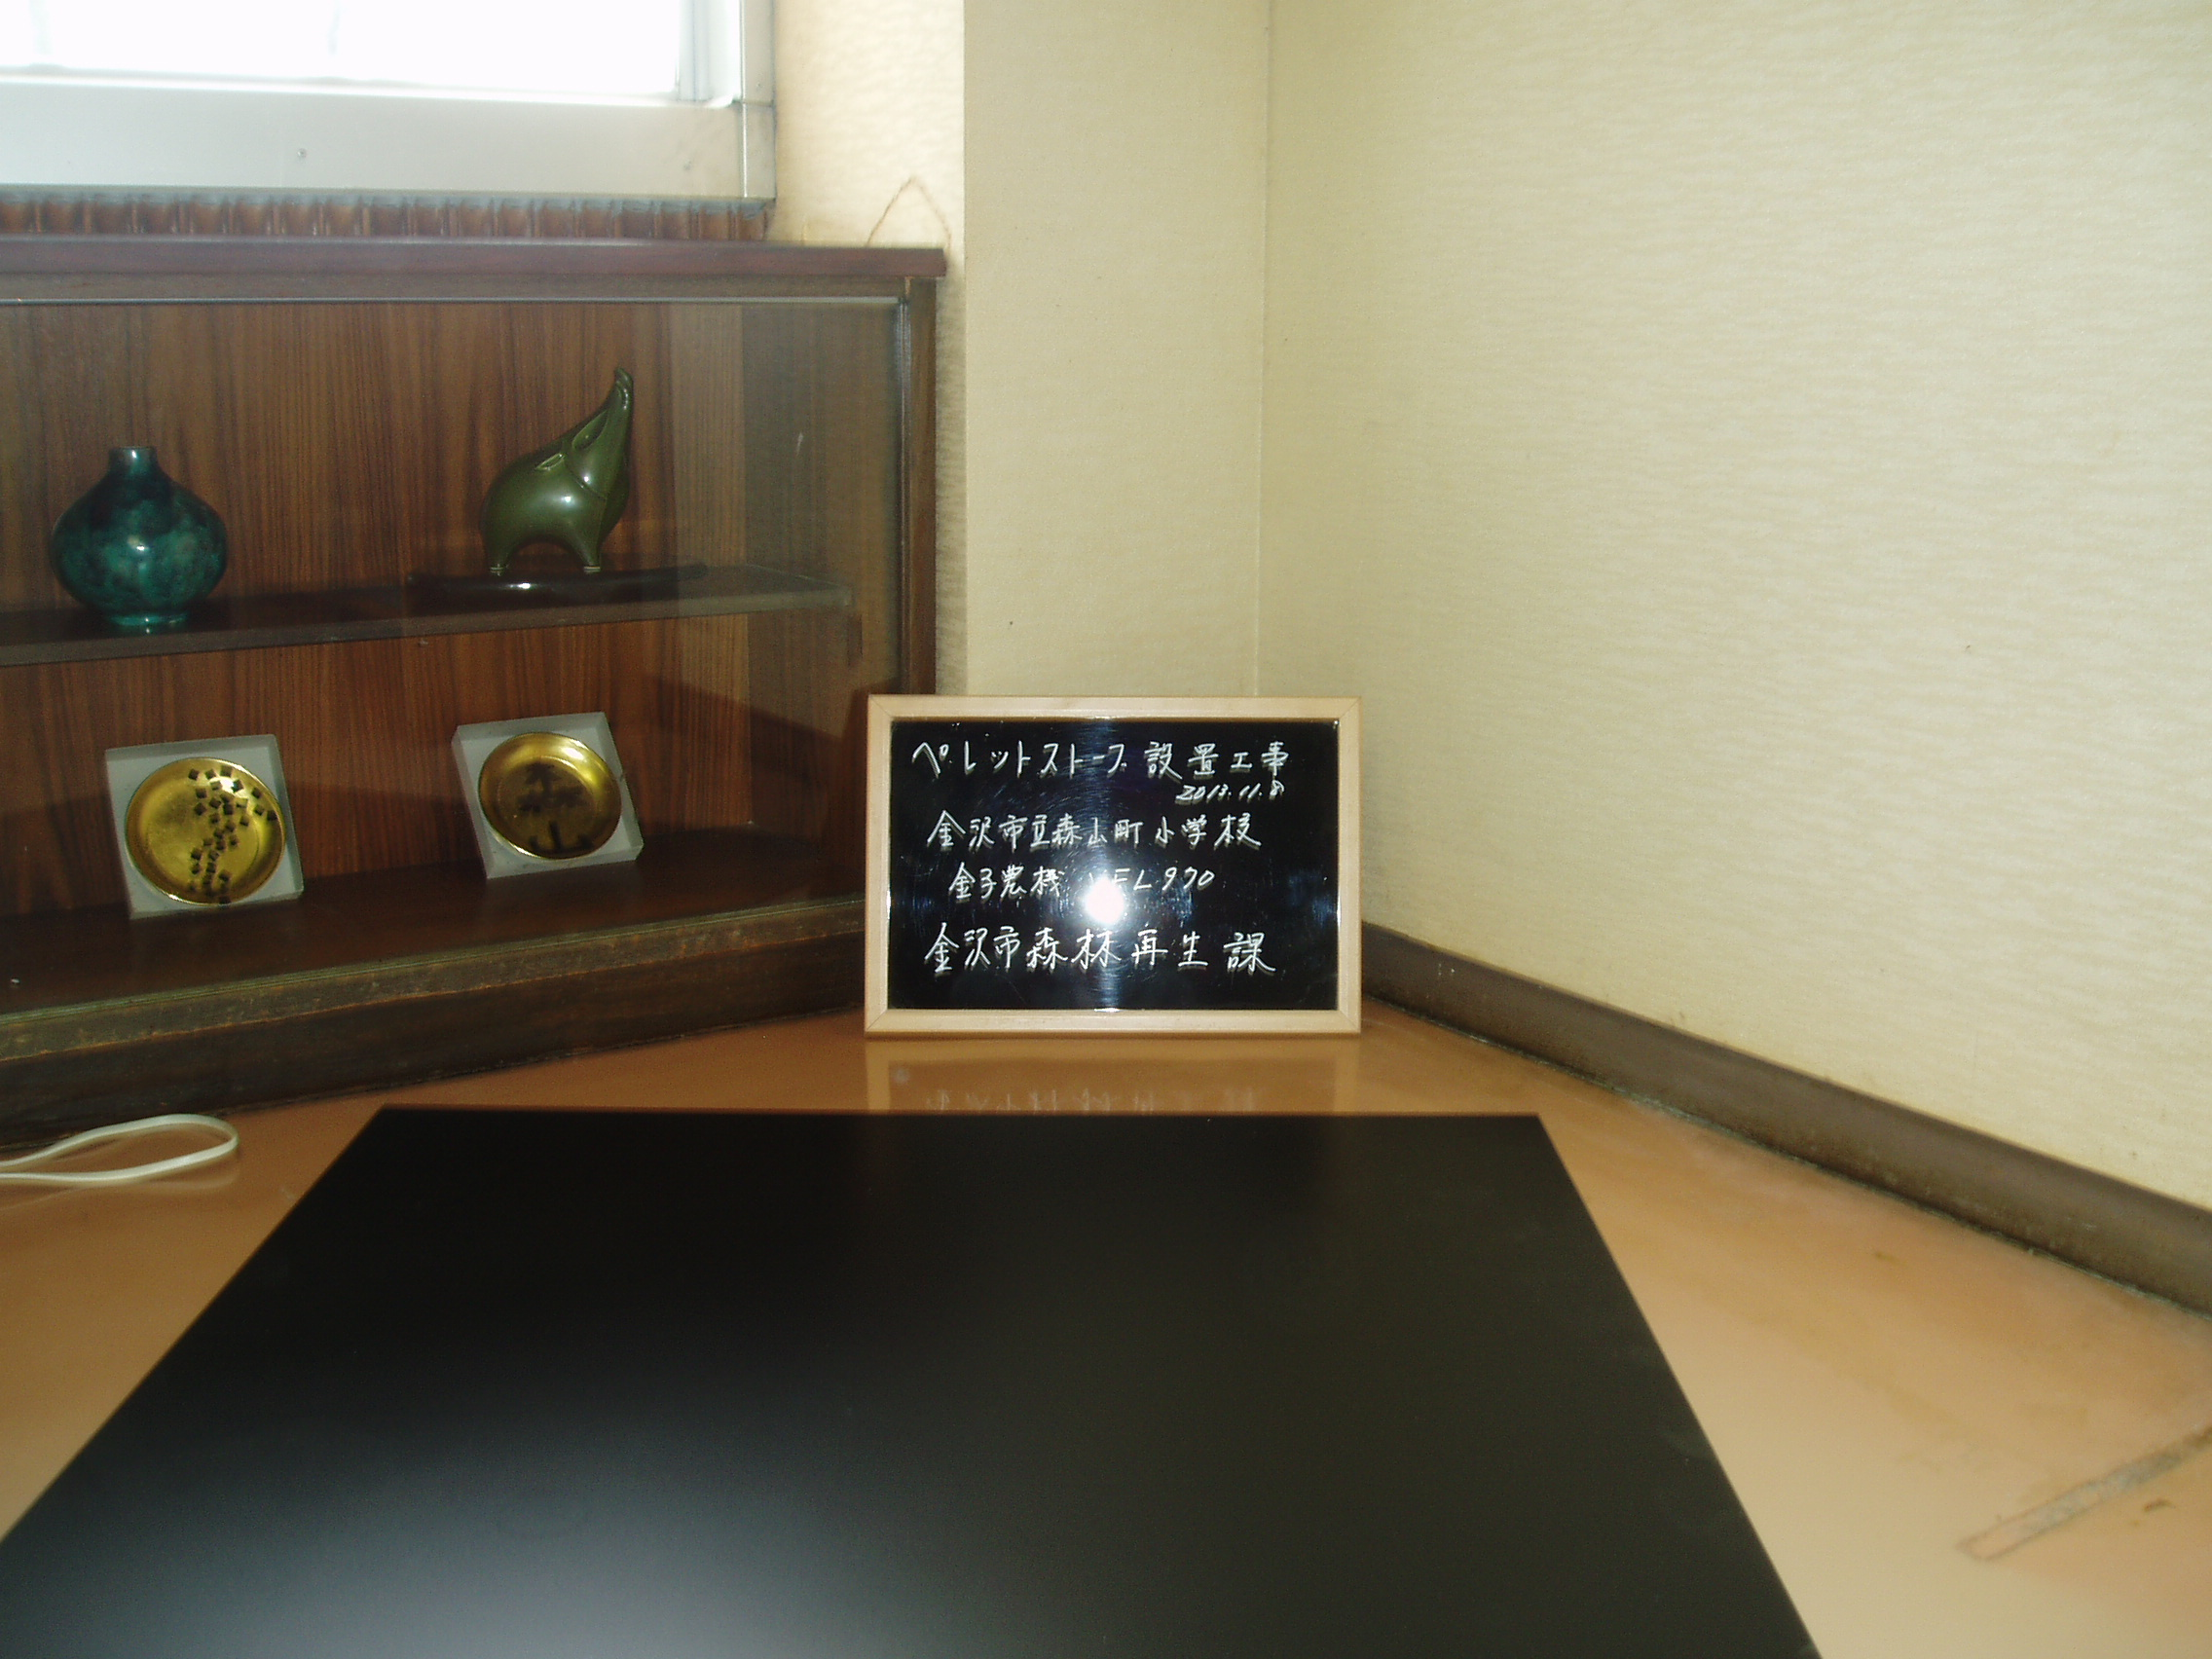 金沢市森山町小学校にペレットストーブの設置しました。2